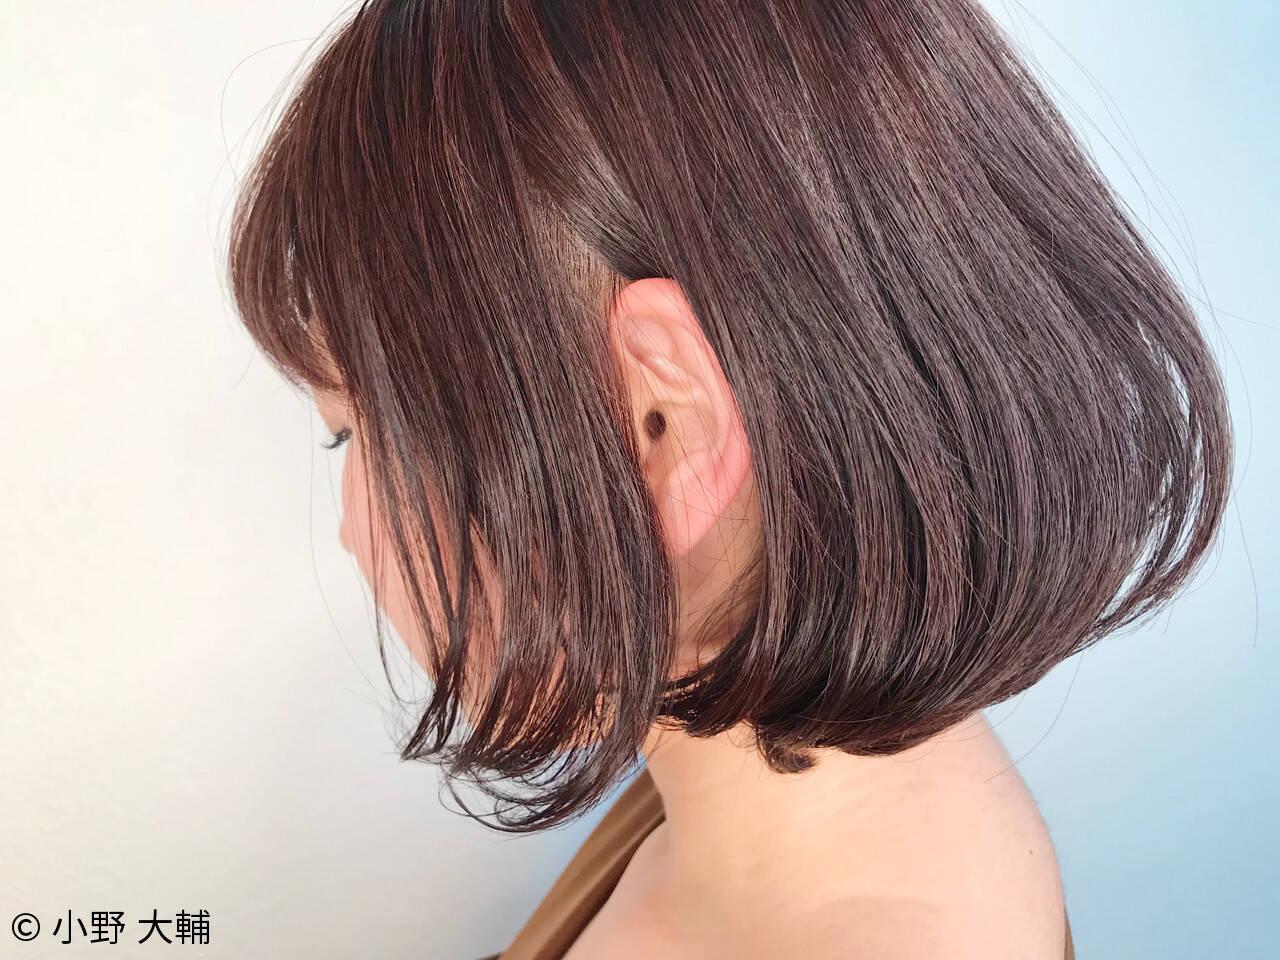 バレンタイン ボブ ナチュラル ラベンダーアッシュヘアスタイルや髪型の写真・画像